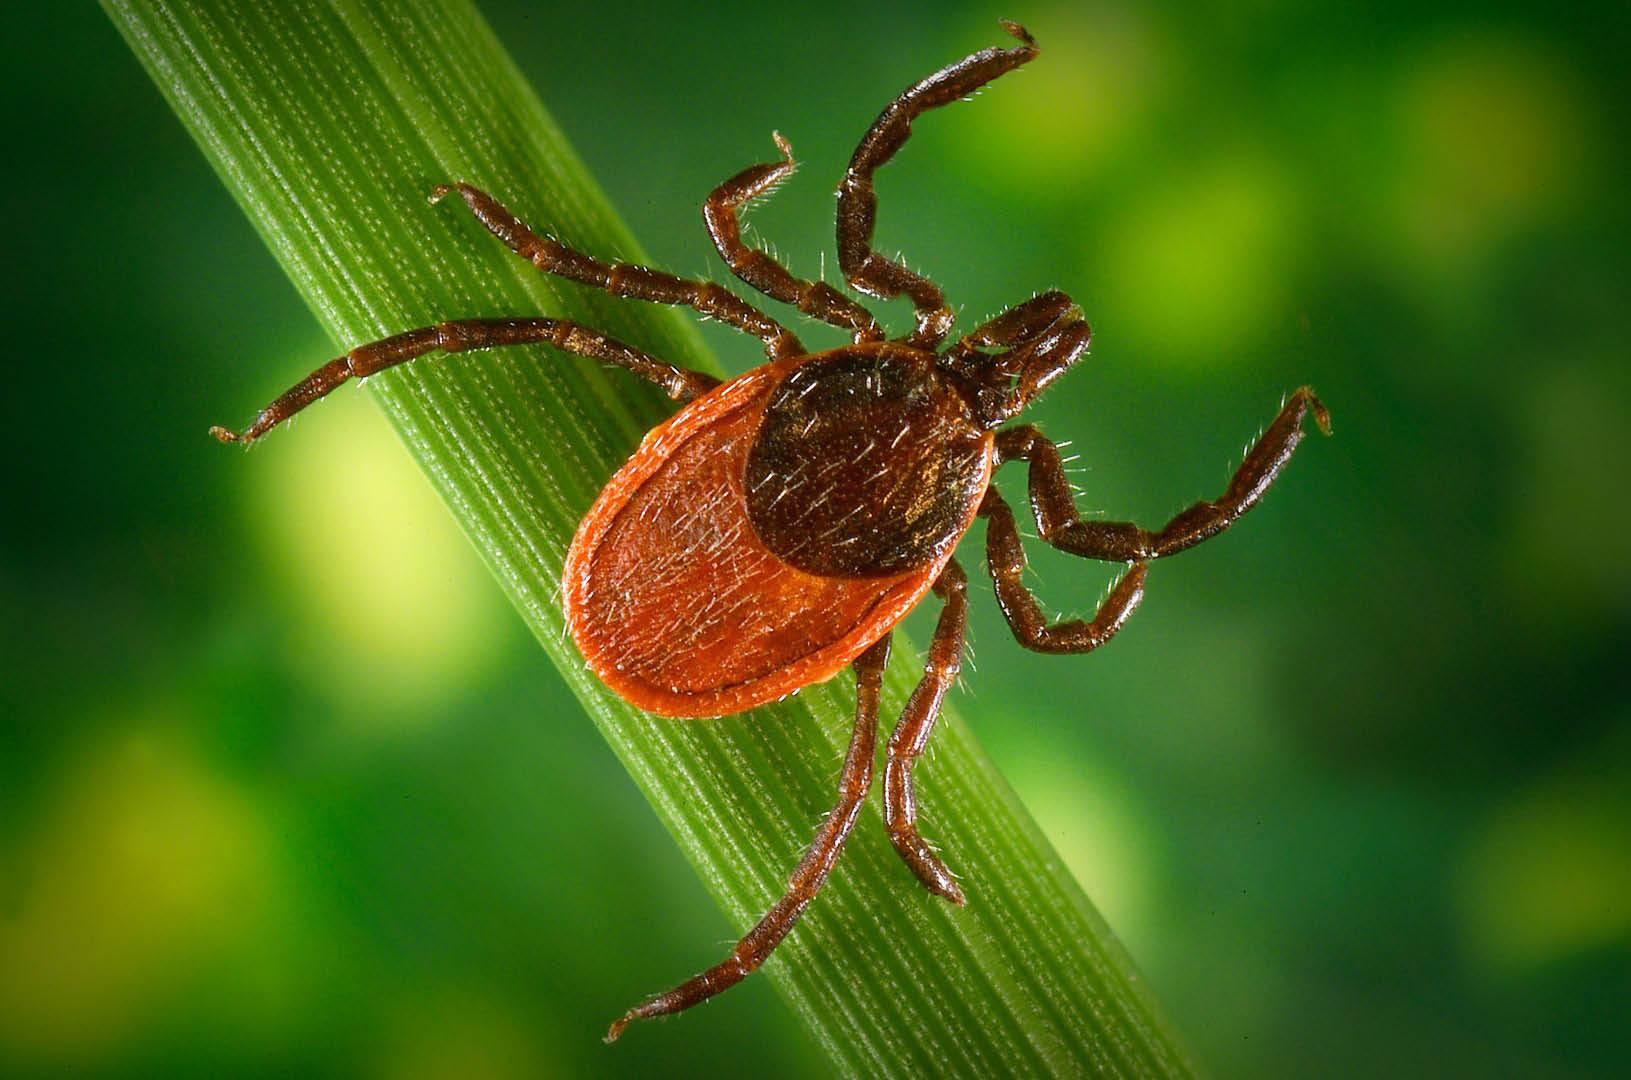 Mosquito Crush eliminates ticks near Orono, MN